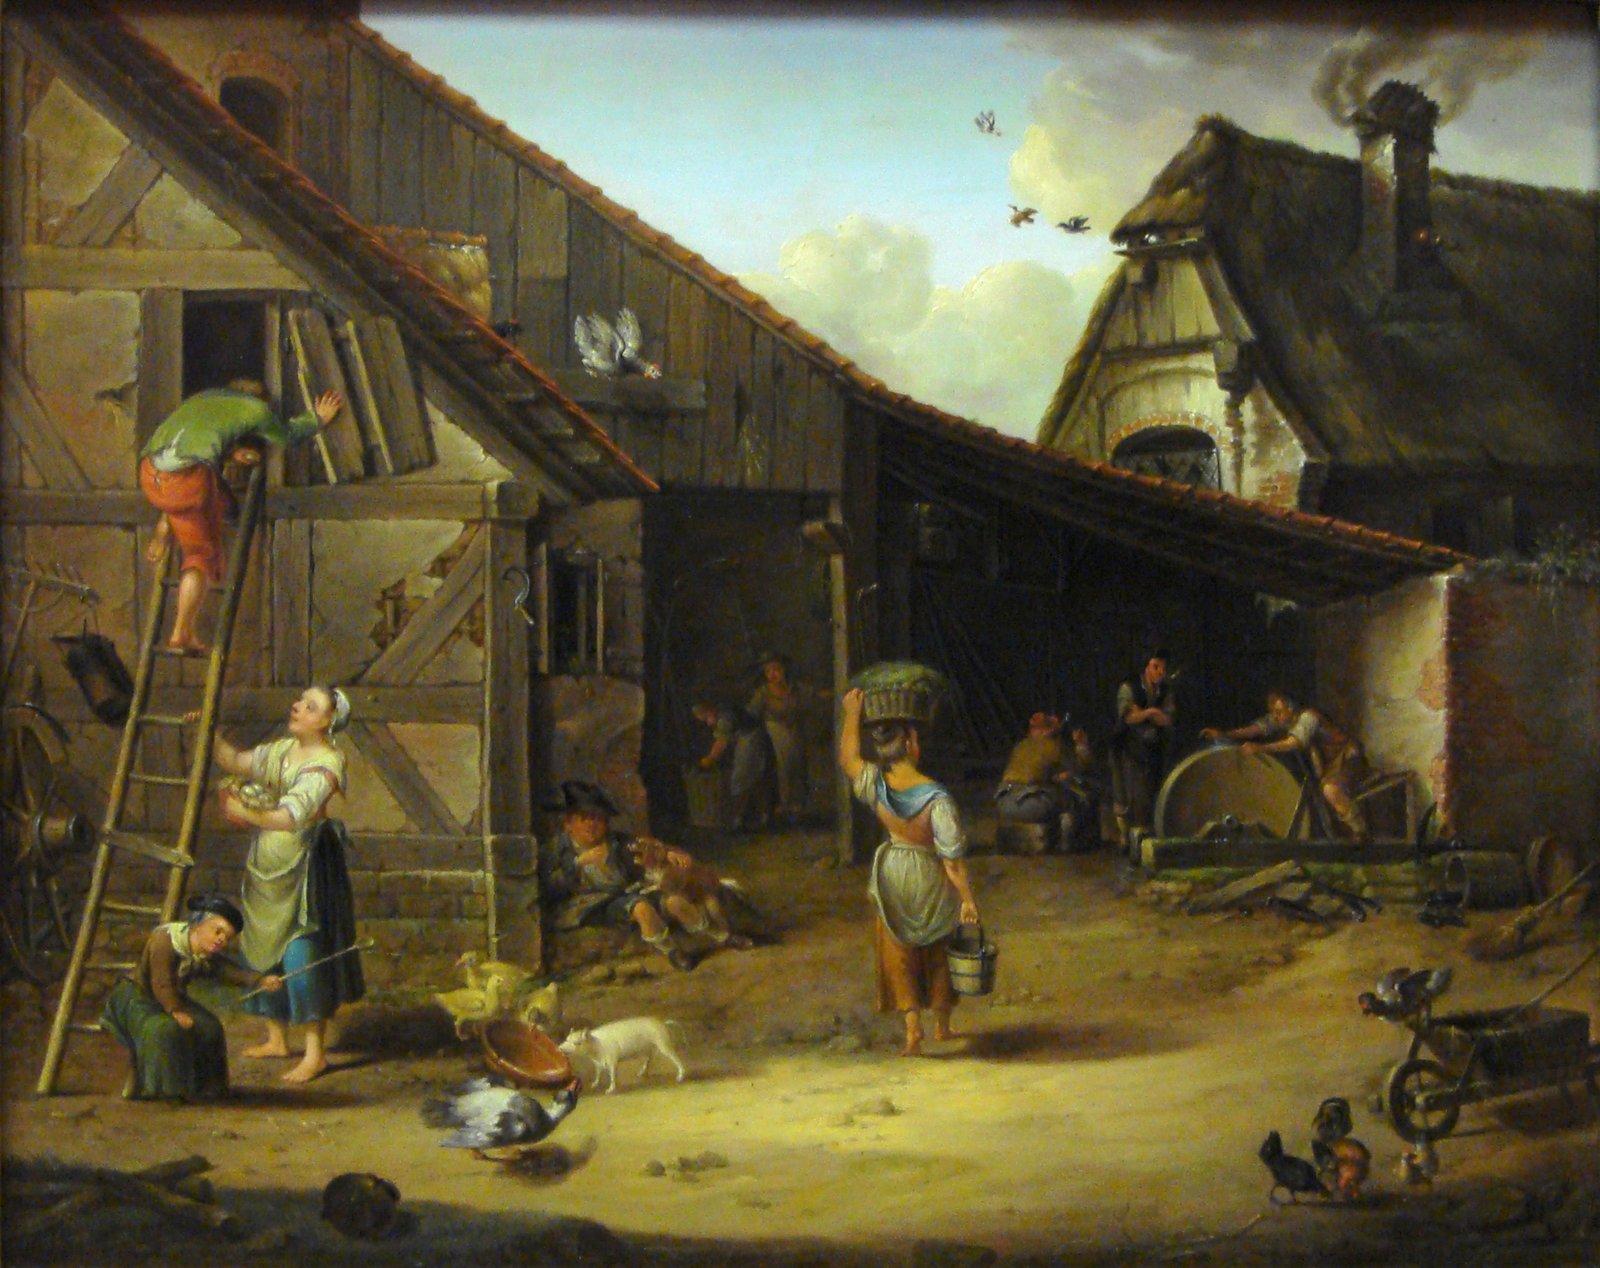 Gospodarstwo Zagroda chłopska Źródło: Johann Ludwig Ernst Morgenstern, Gospodarstwo, 1794, domena publiczna.